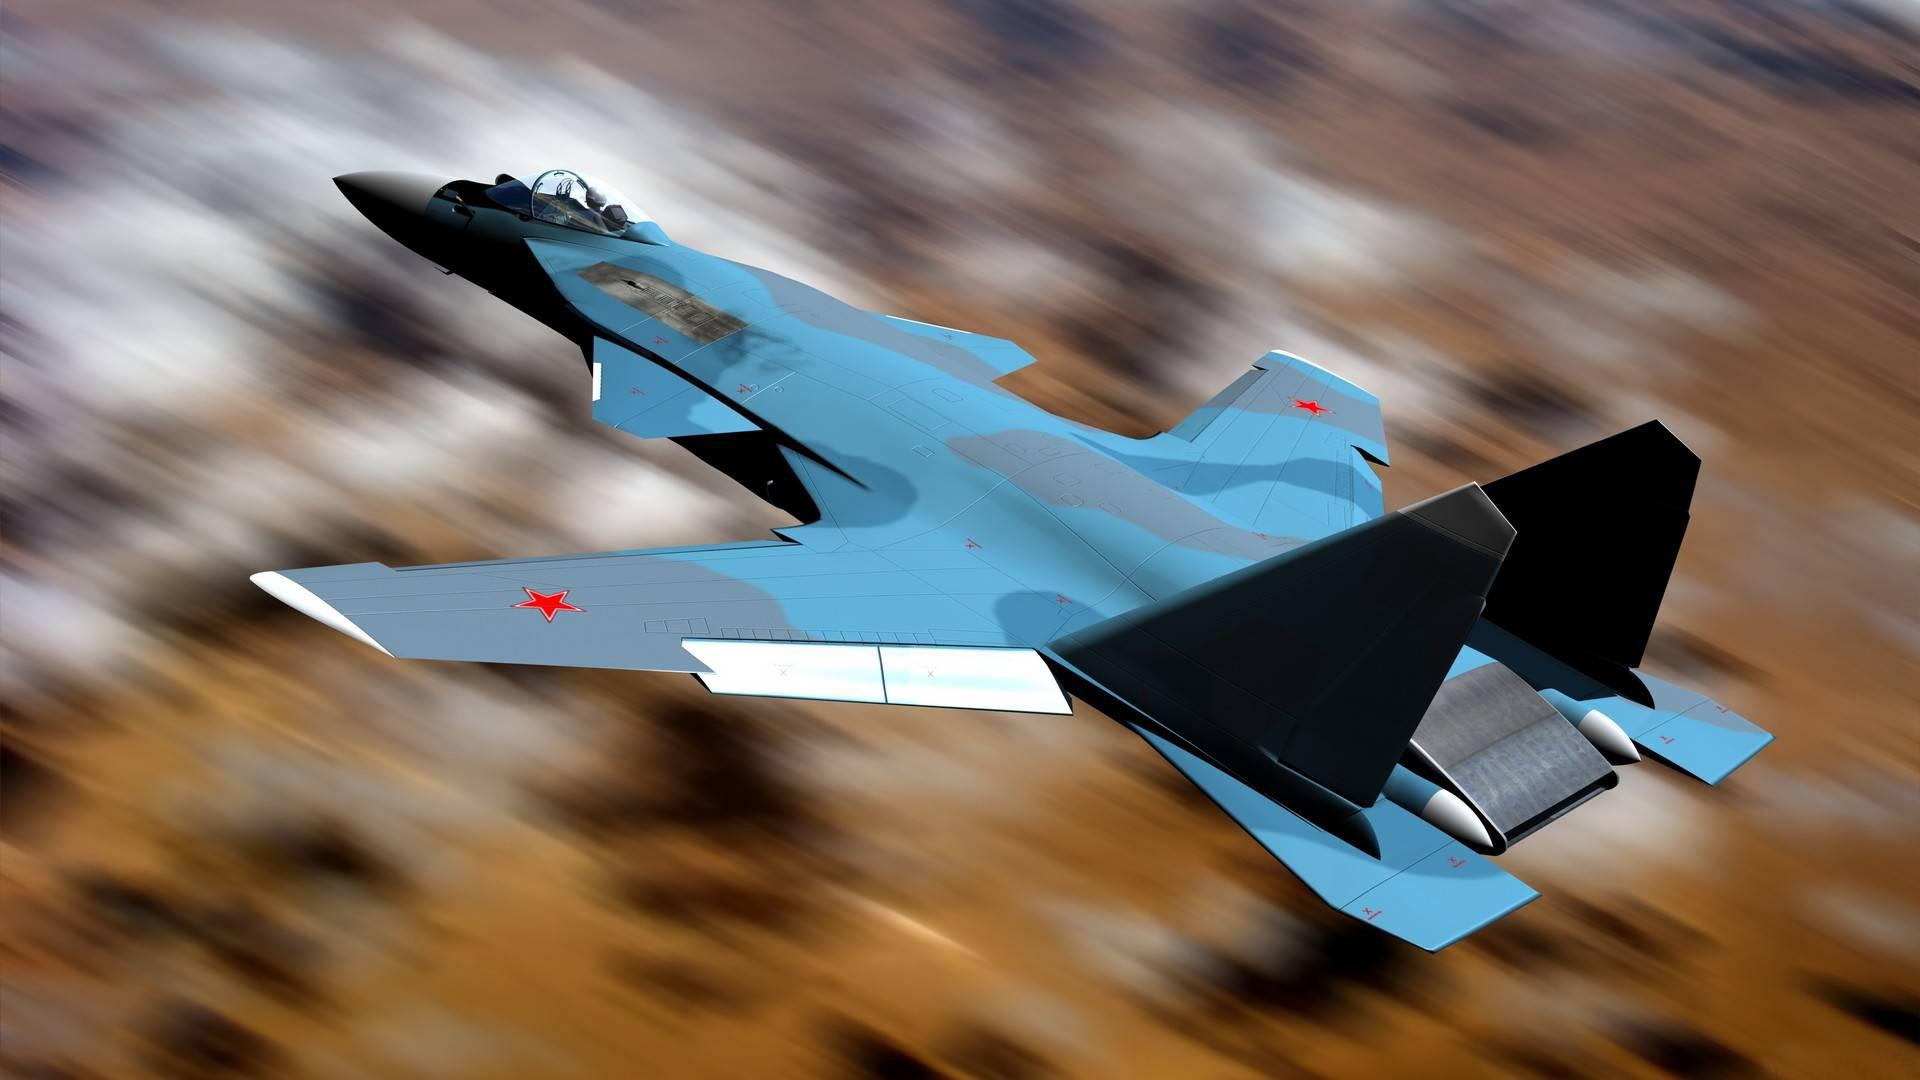 Картинка: Истребитель, Су-47, Беркут, в полёте, камуфляж, размытость, воздушное пространство